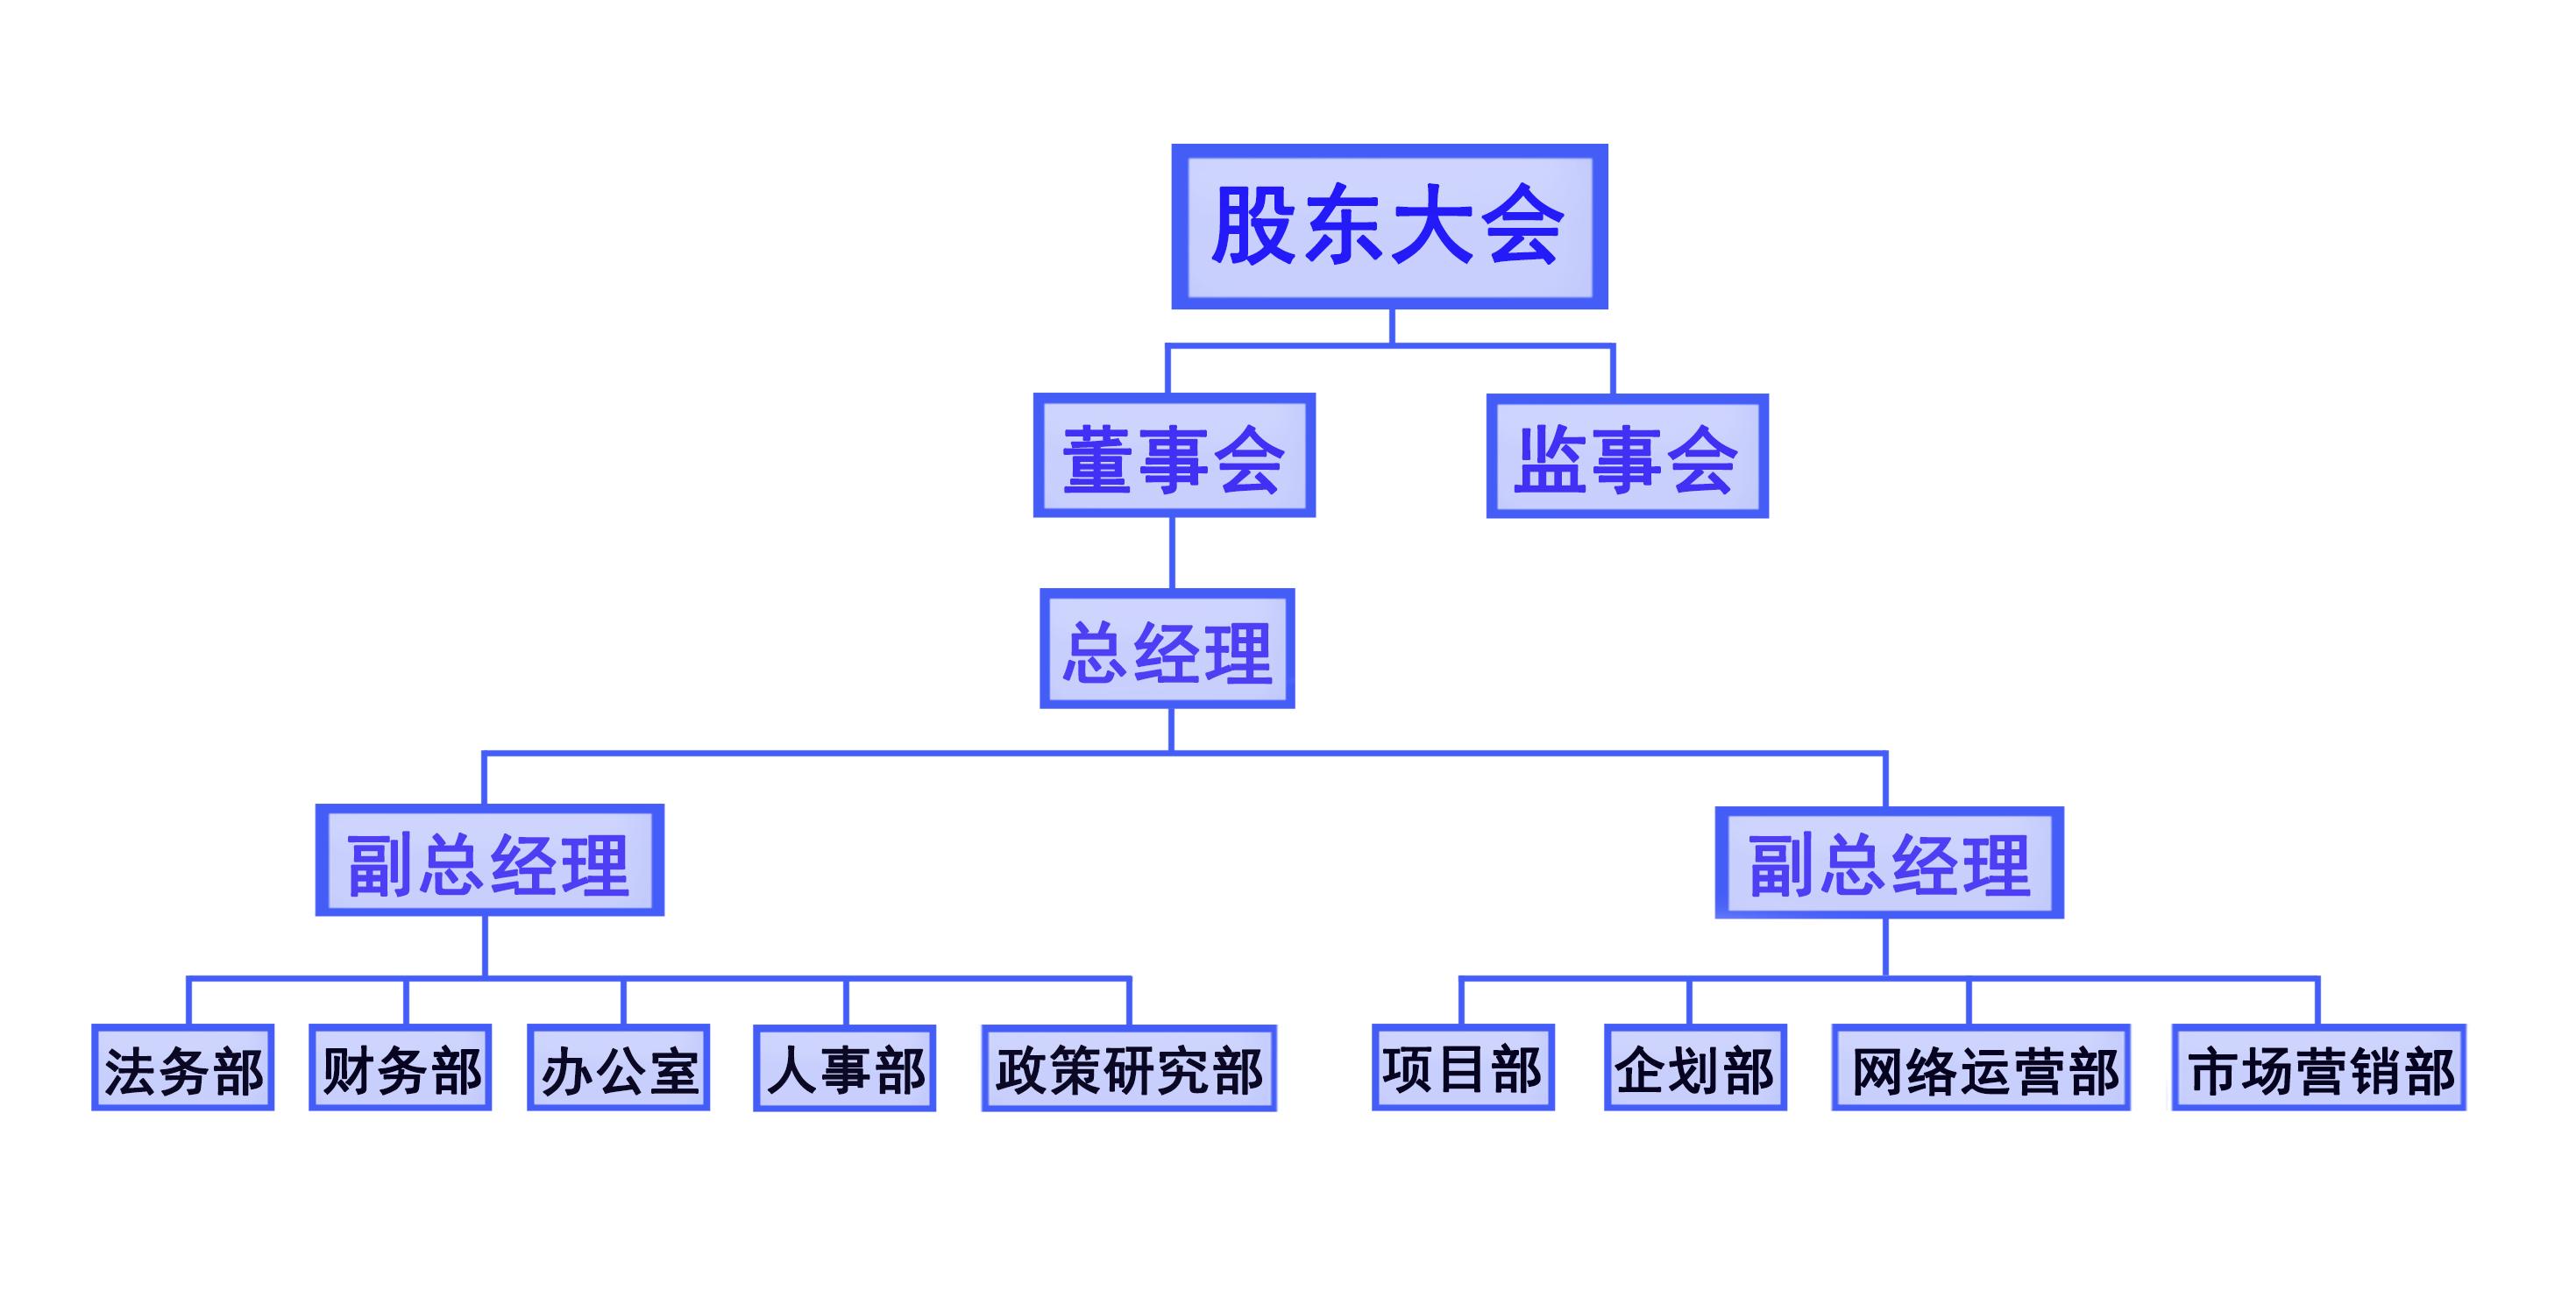 公司组织结构-湖南阳辰法商企业管理咨询有限公司